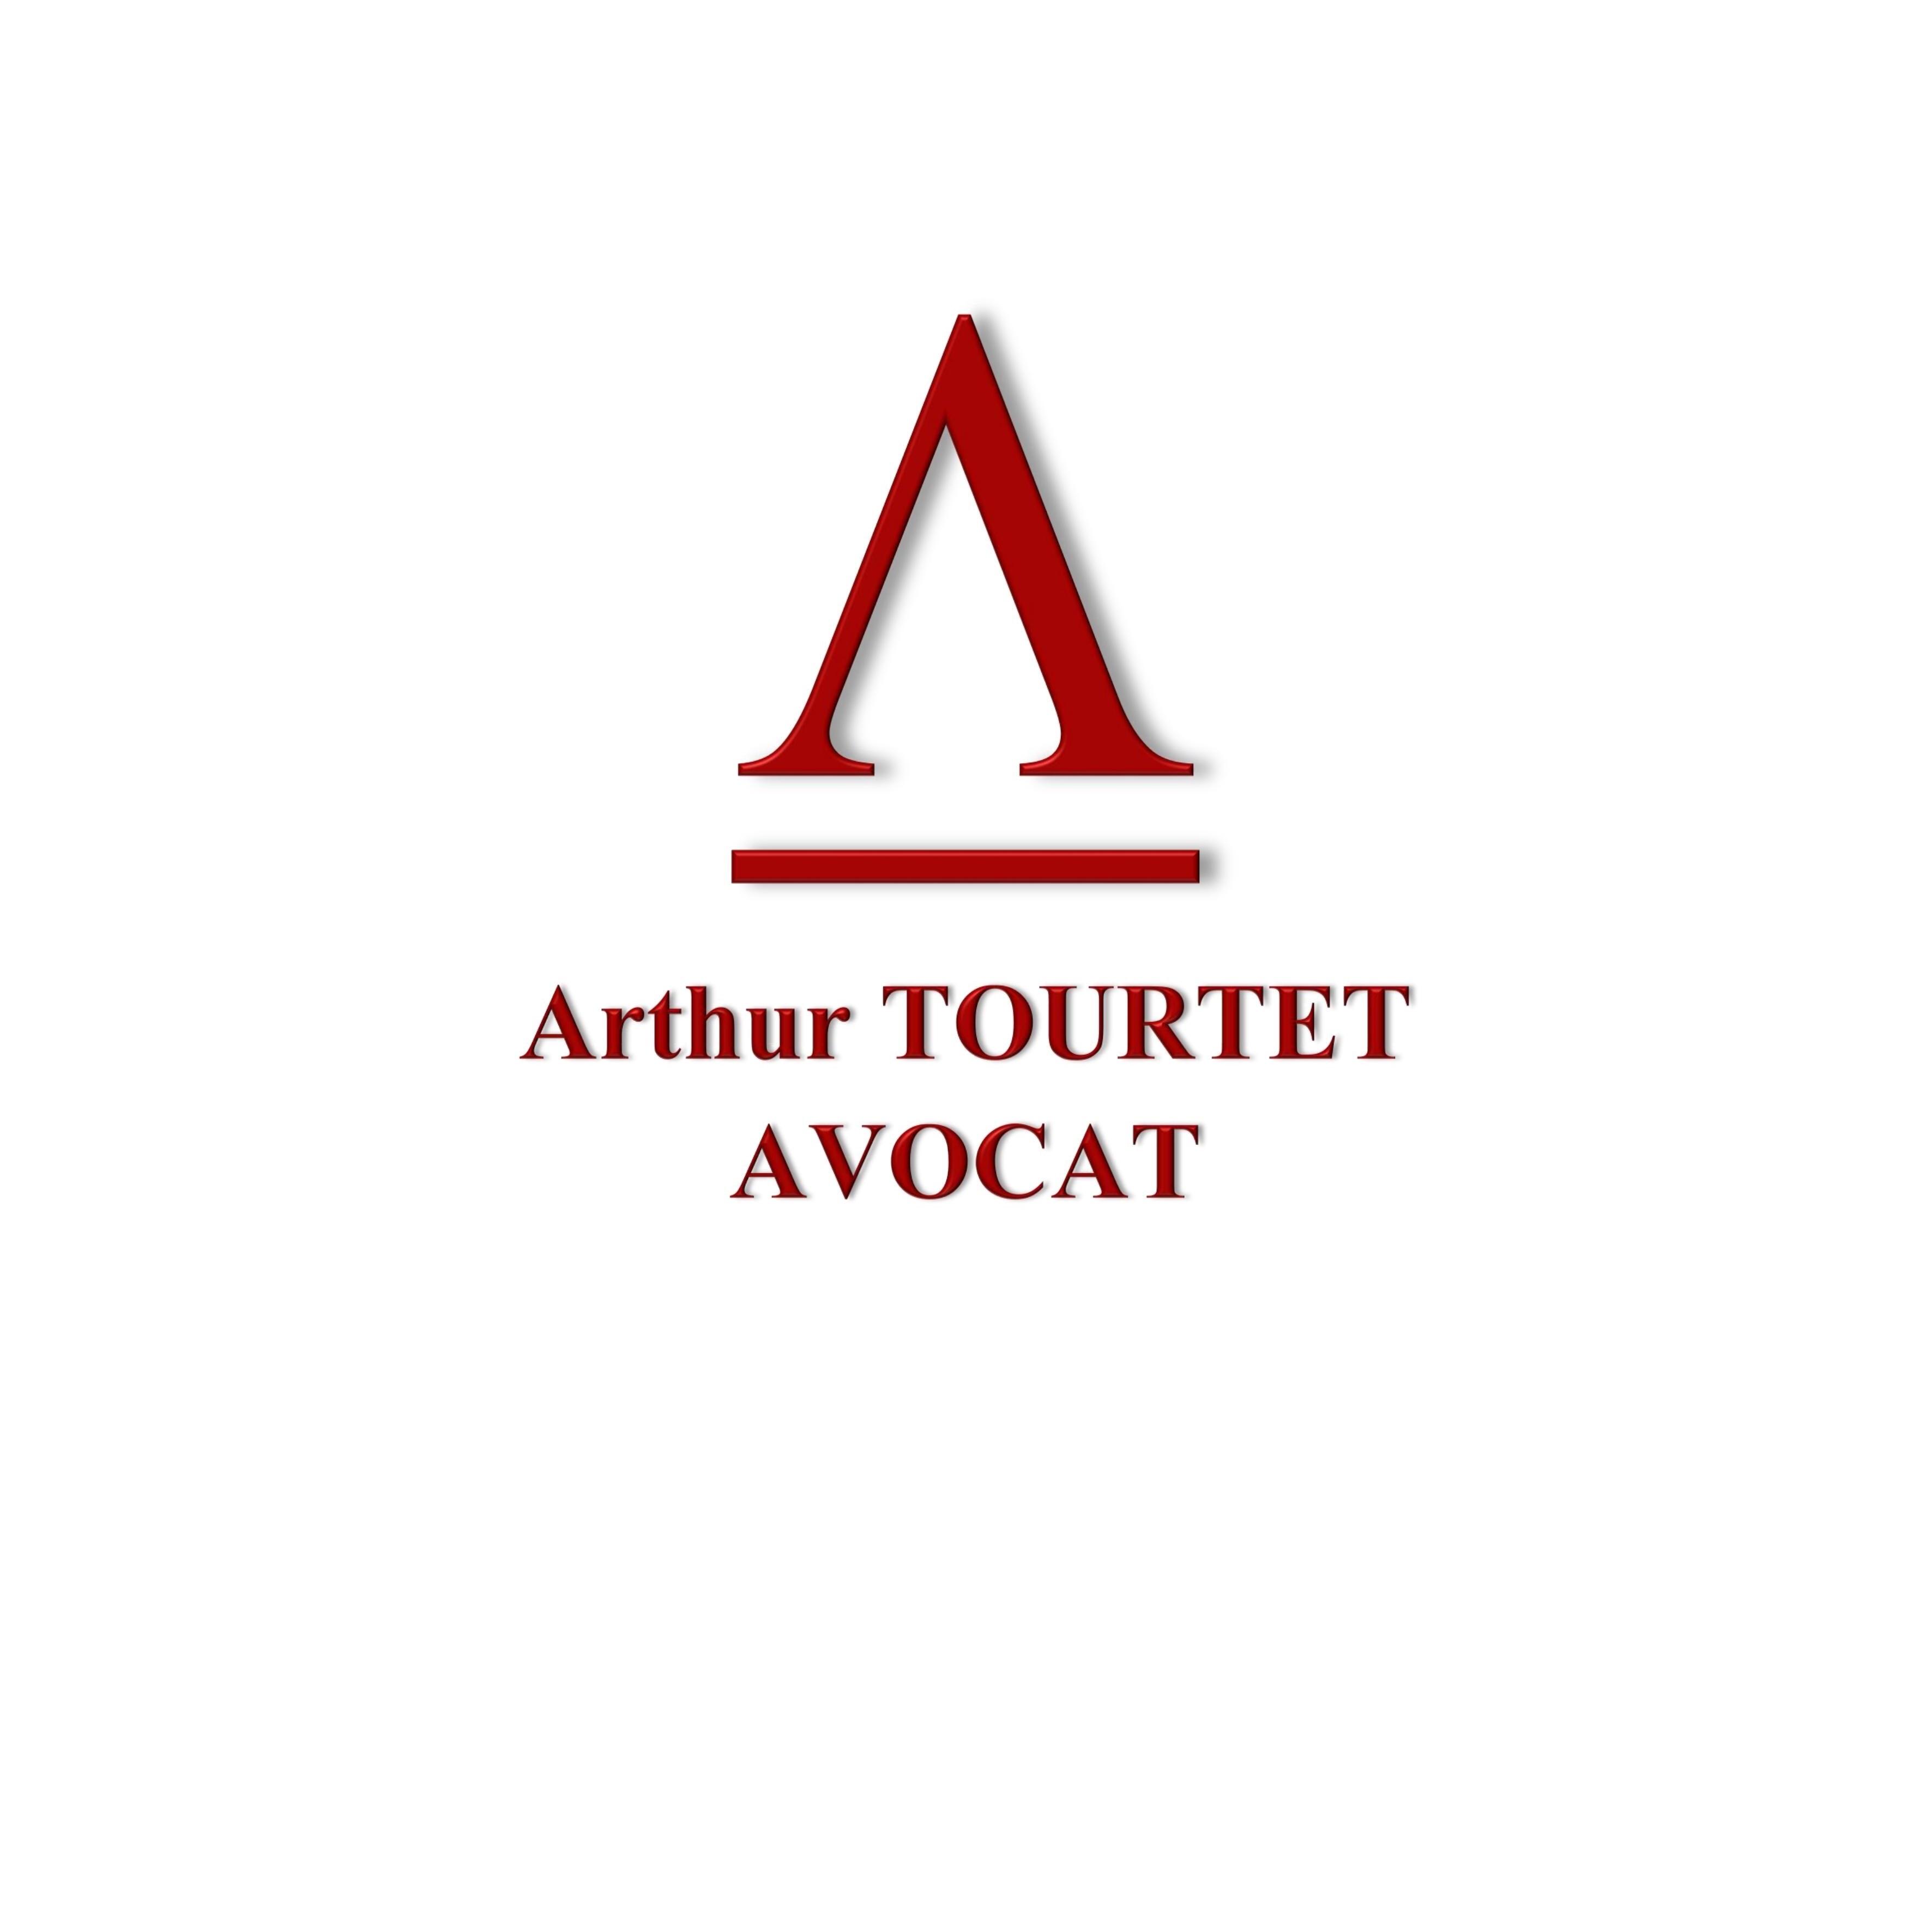 Licenciement pour violences : l'employeur ne doit pas licencier avec précipitation (Cour d'appel de Paris, 22 juin 2017, n° 15/09443).